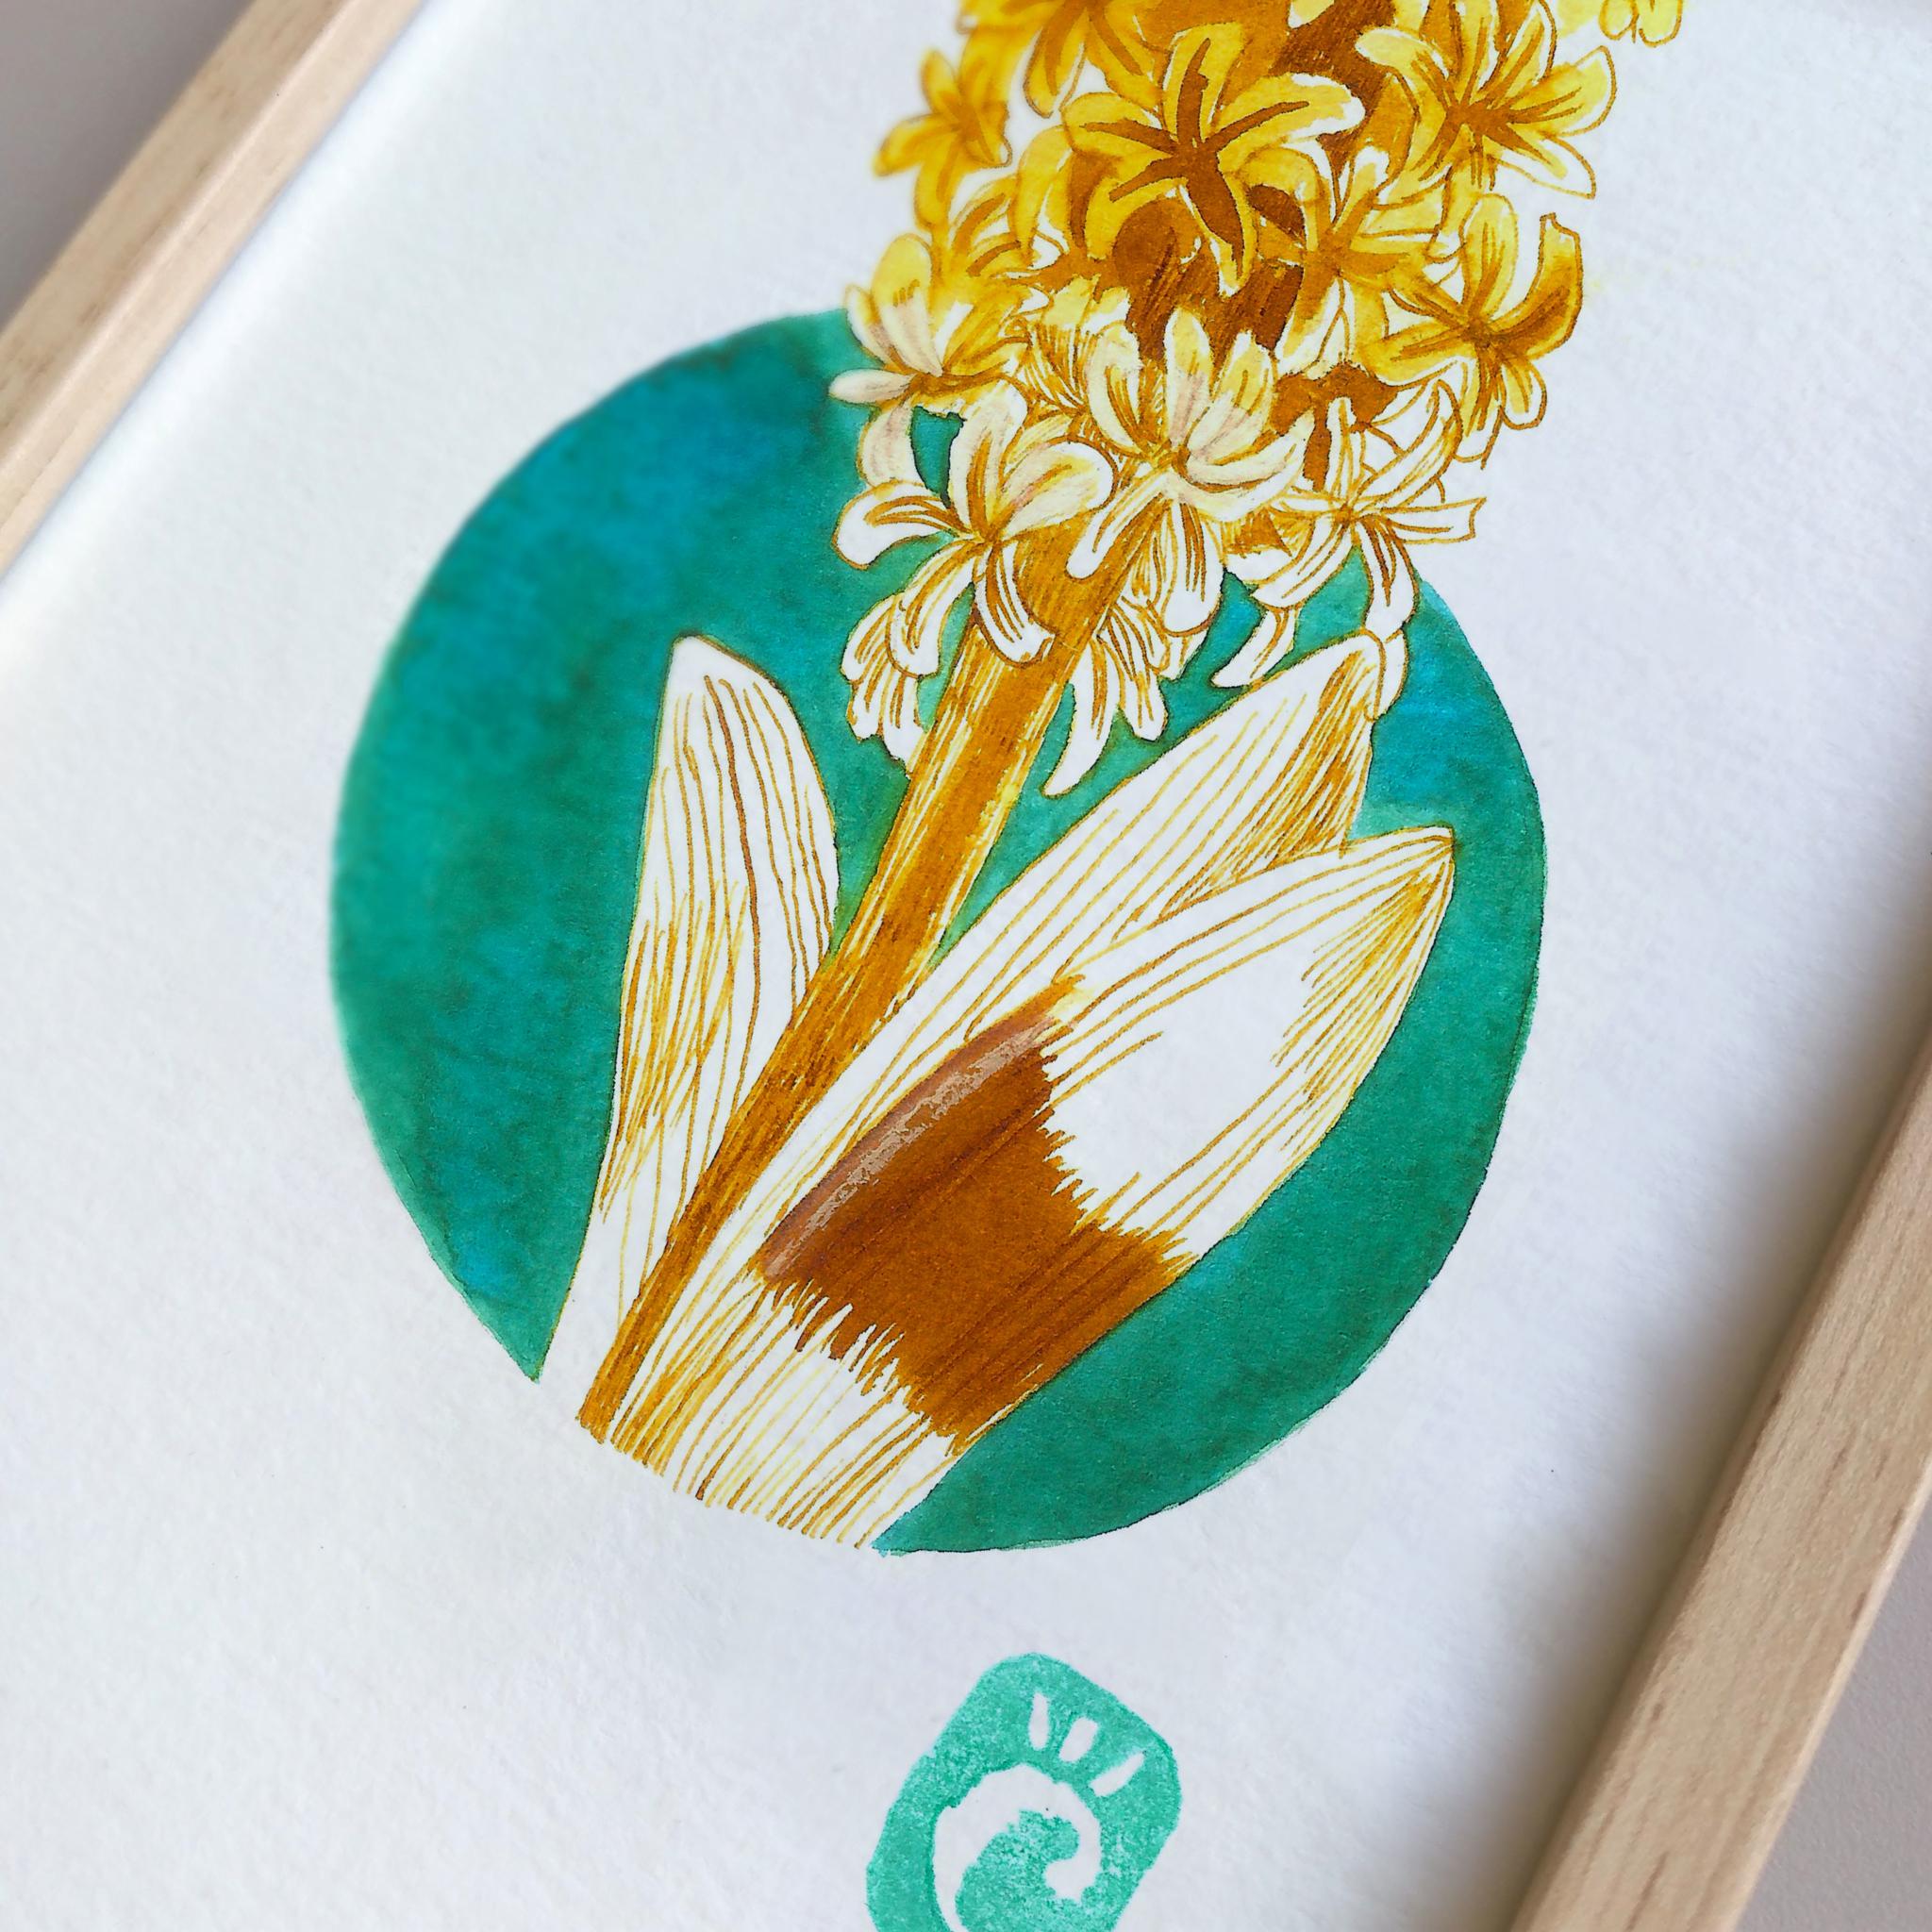 Dessin original à l'encre colorée - oeuvre unique - Jacinthe - série Fleurs hivernales